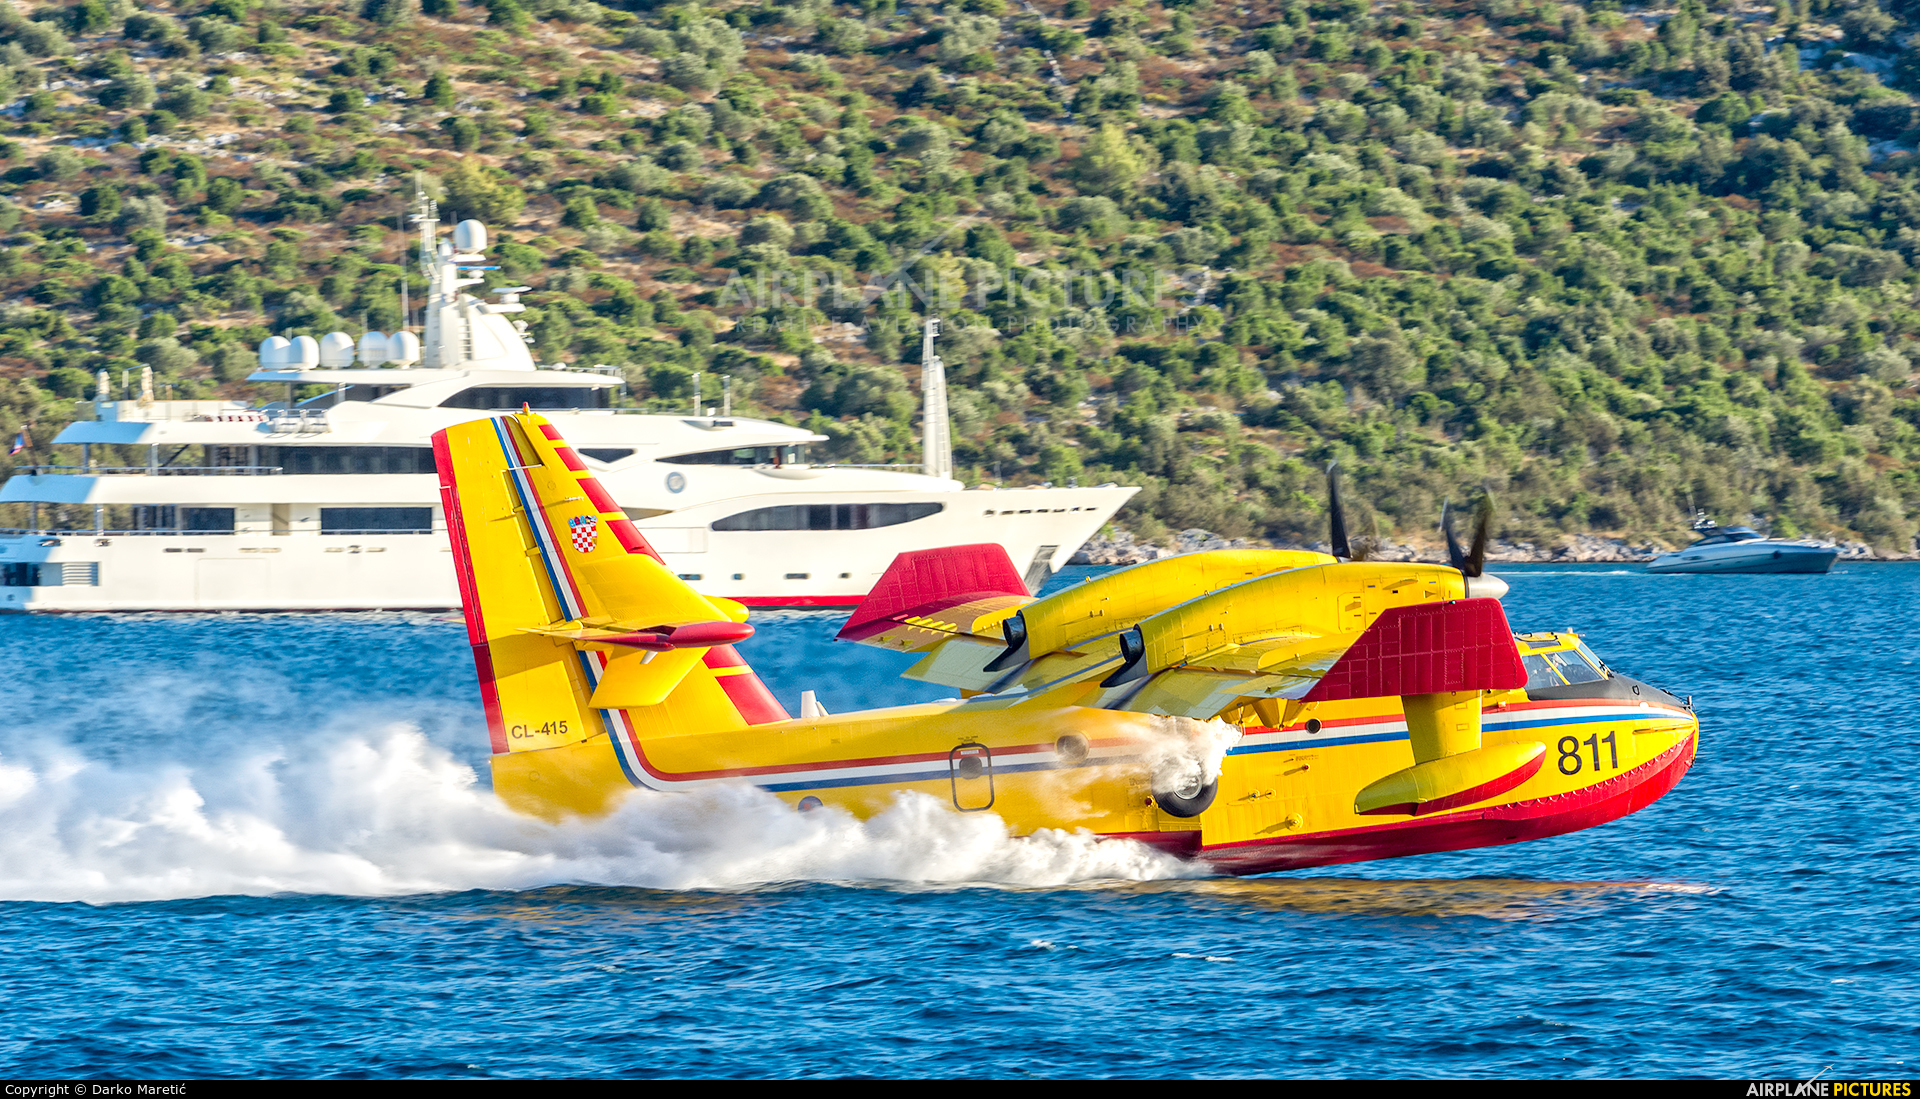 Croatia - Air Force 811 aircraft at In Flight - Croatia